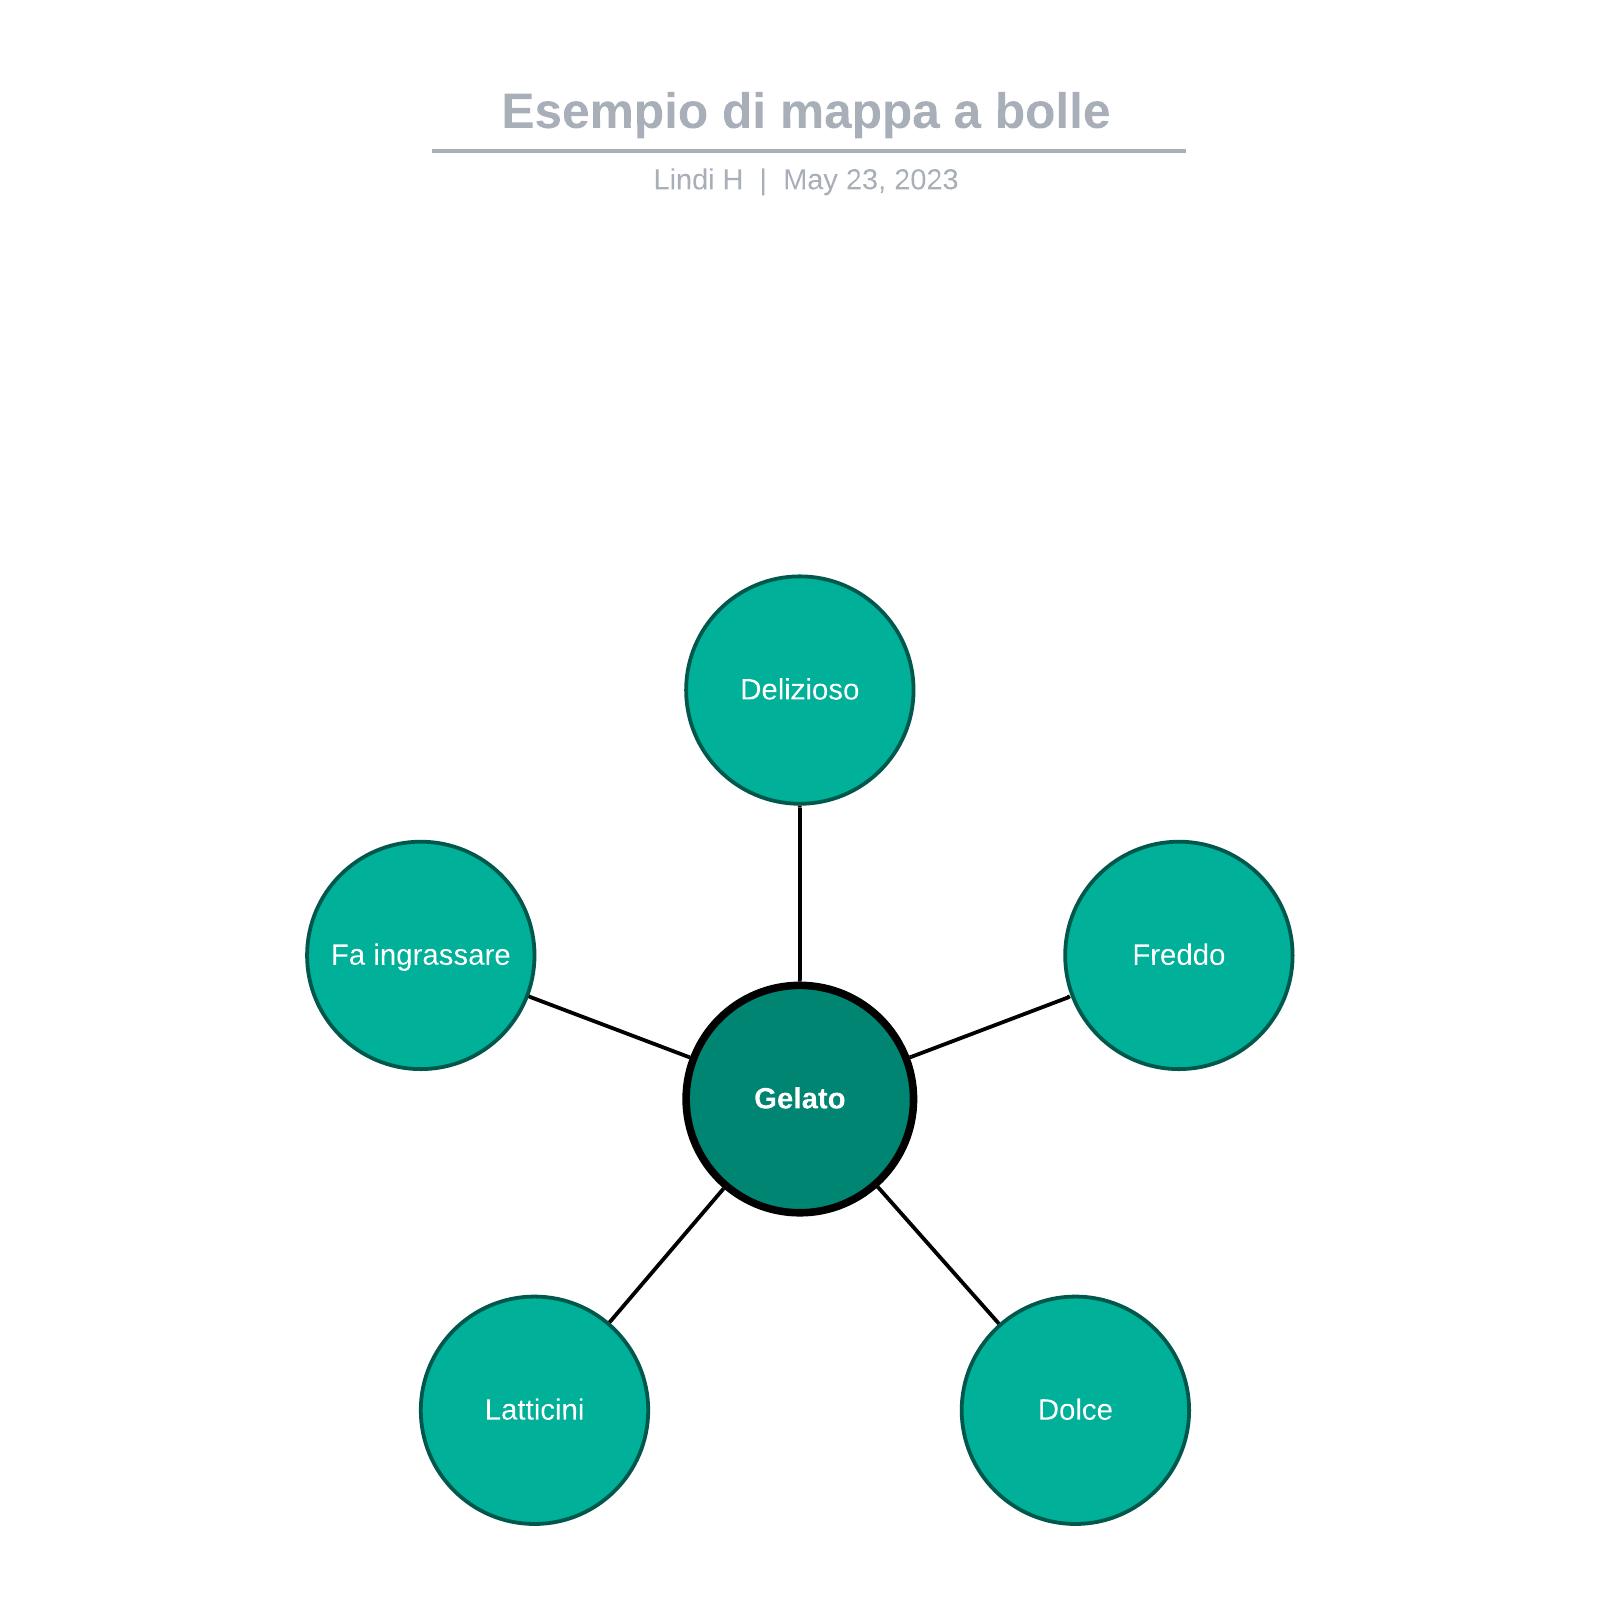 Esempio di mappa a bolle